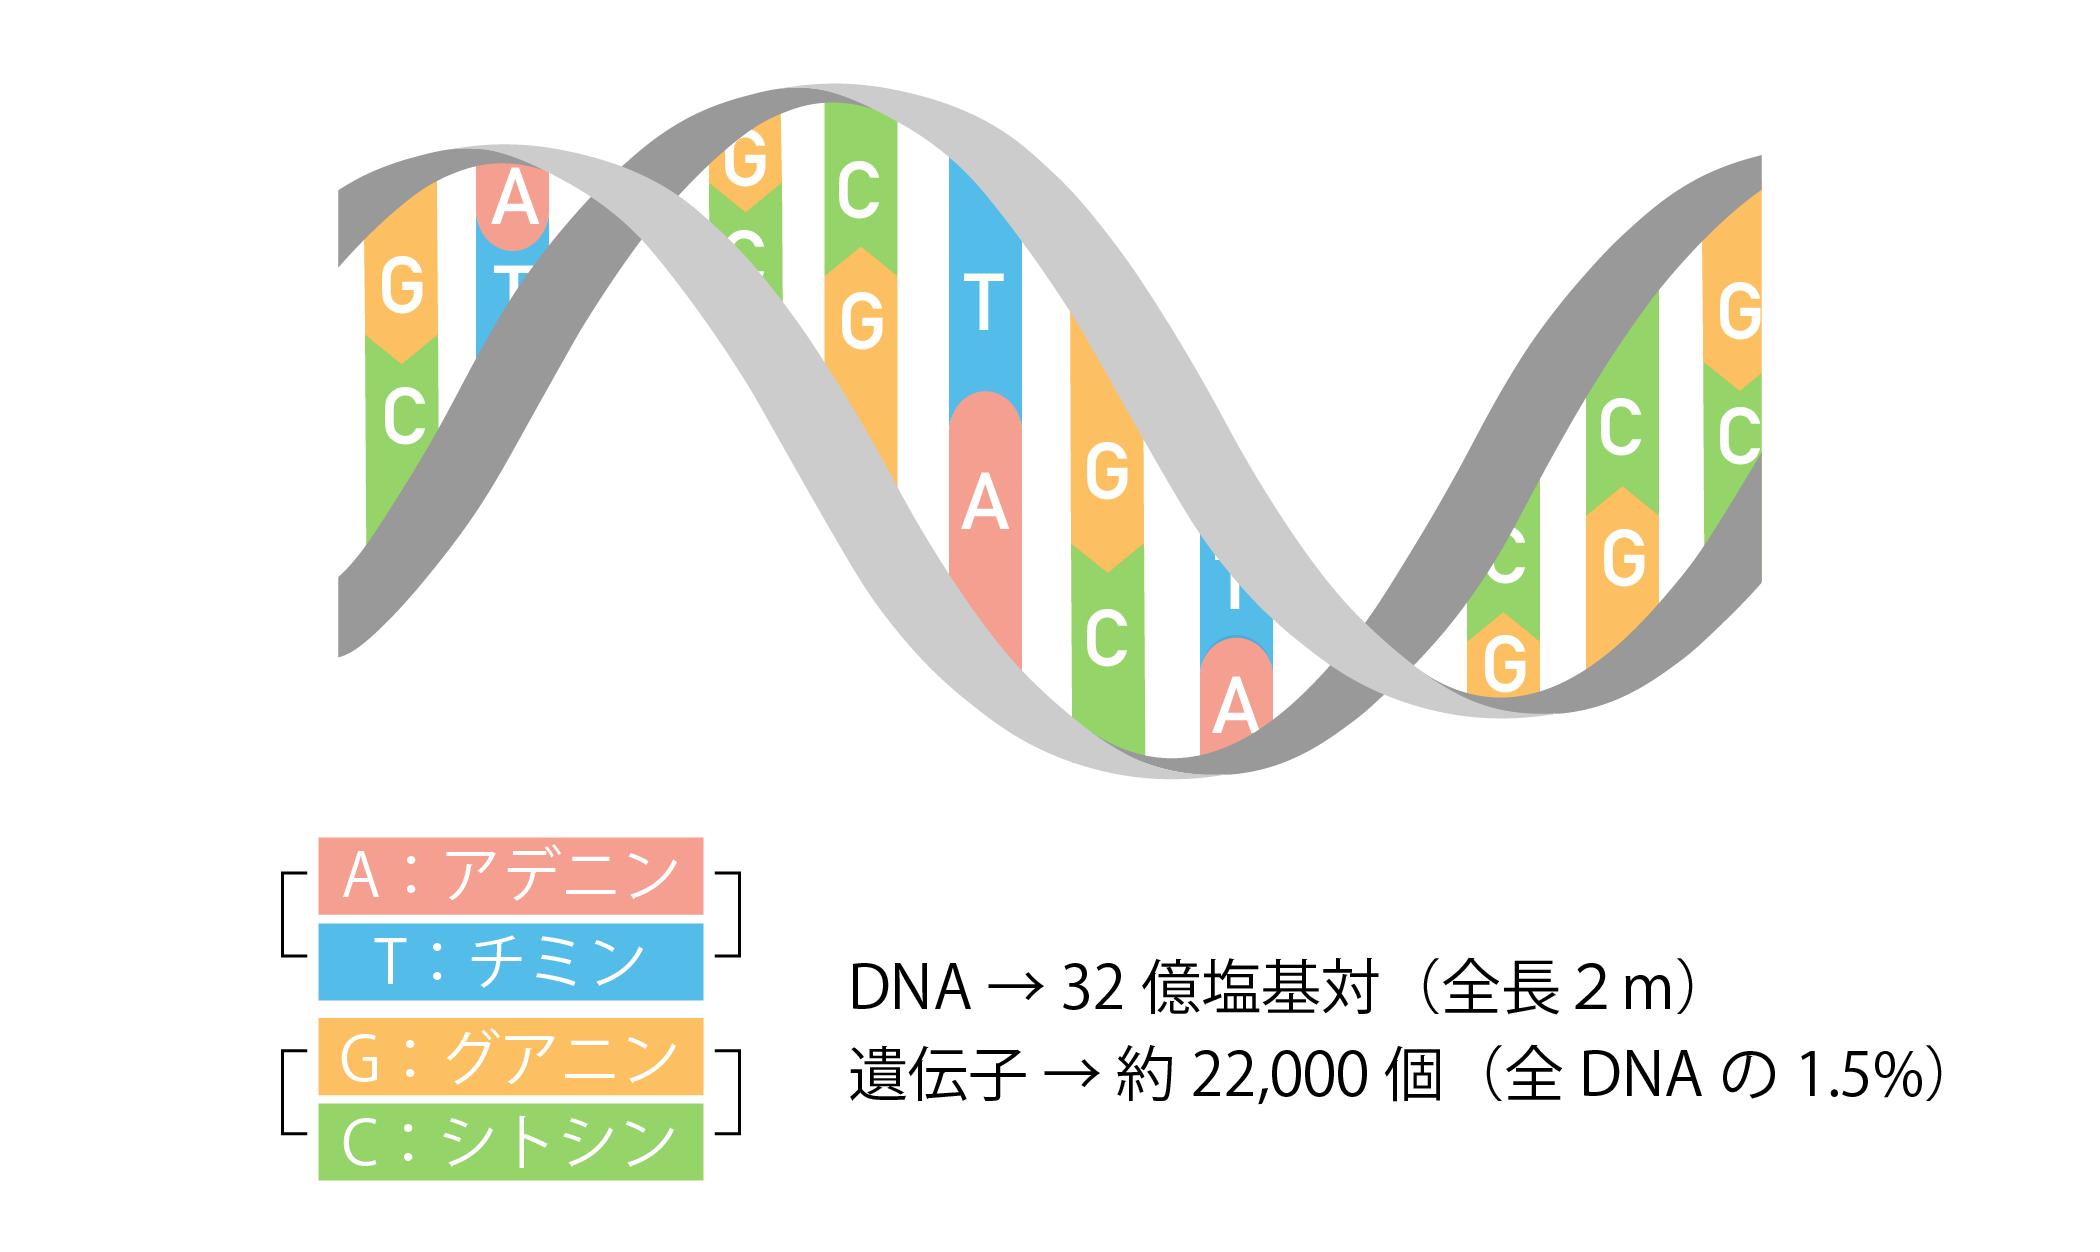 セントラルドグマ①DNAの構造